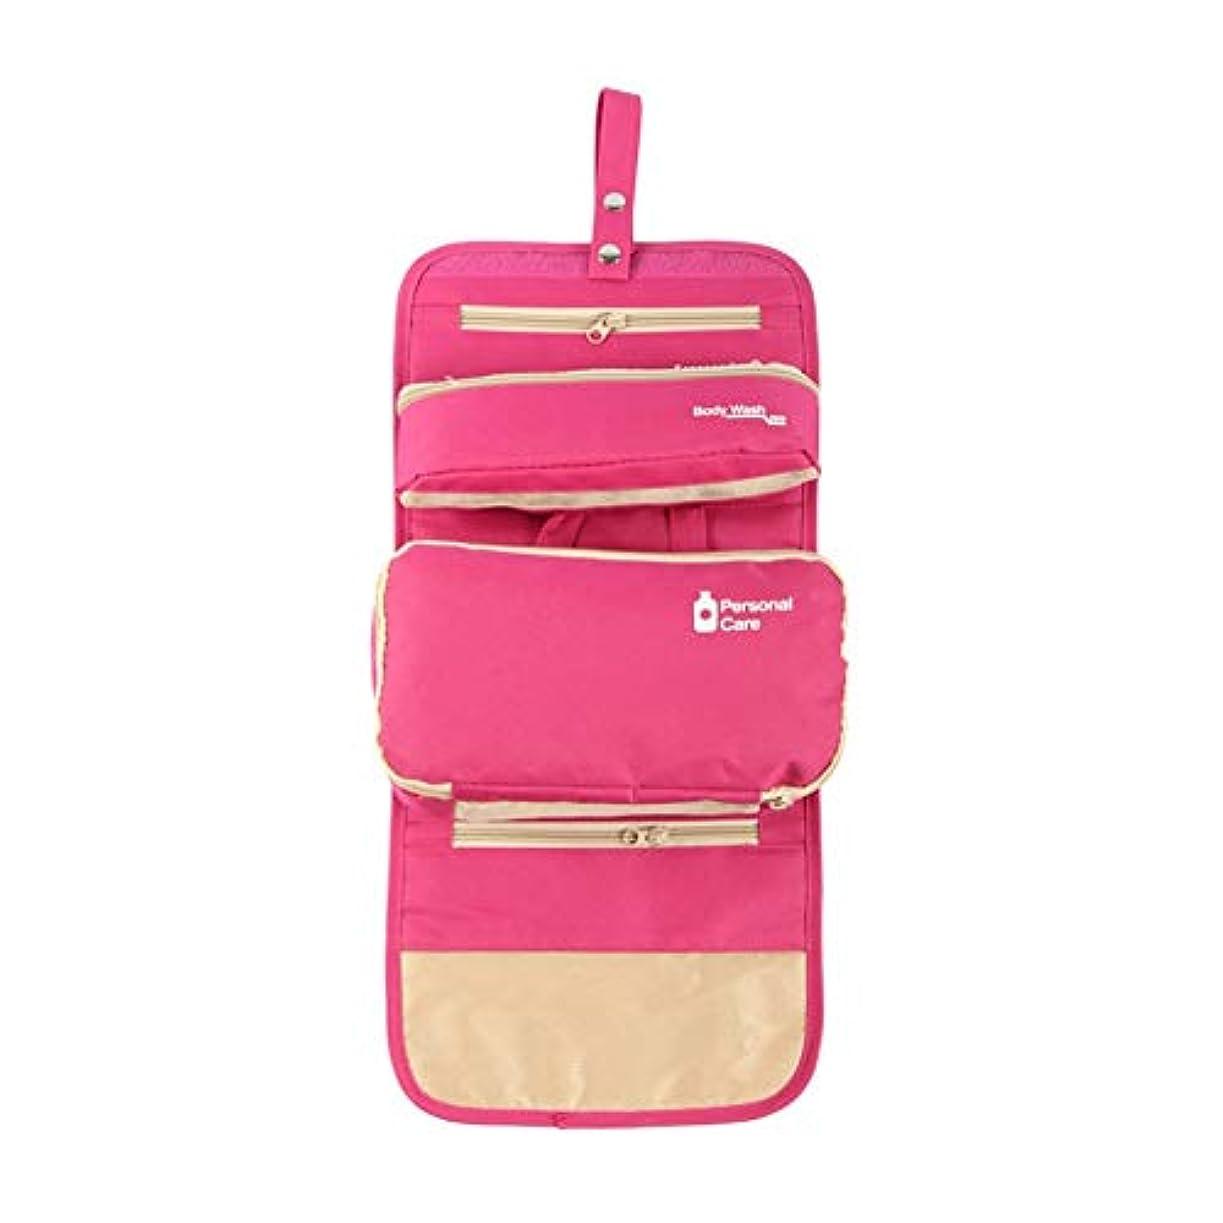 眼組立エスニック化粧オーガナイザーバッグ ハンギングトラベルウォッシュバッグナイロンポータブル化粧品家庭用ストレージバッグ折りたたみ旅行化粧品収納ボックス 化粧品ケース (色 : ピンク)